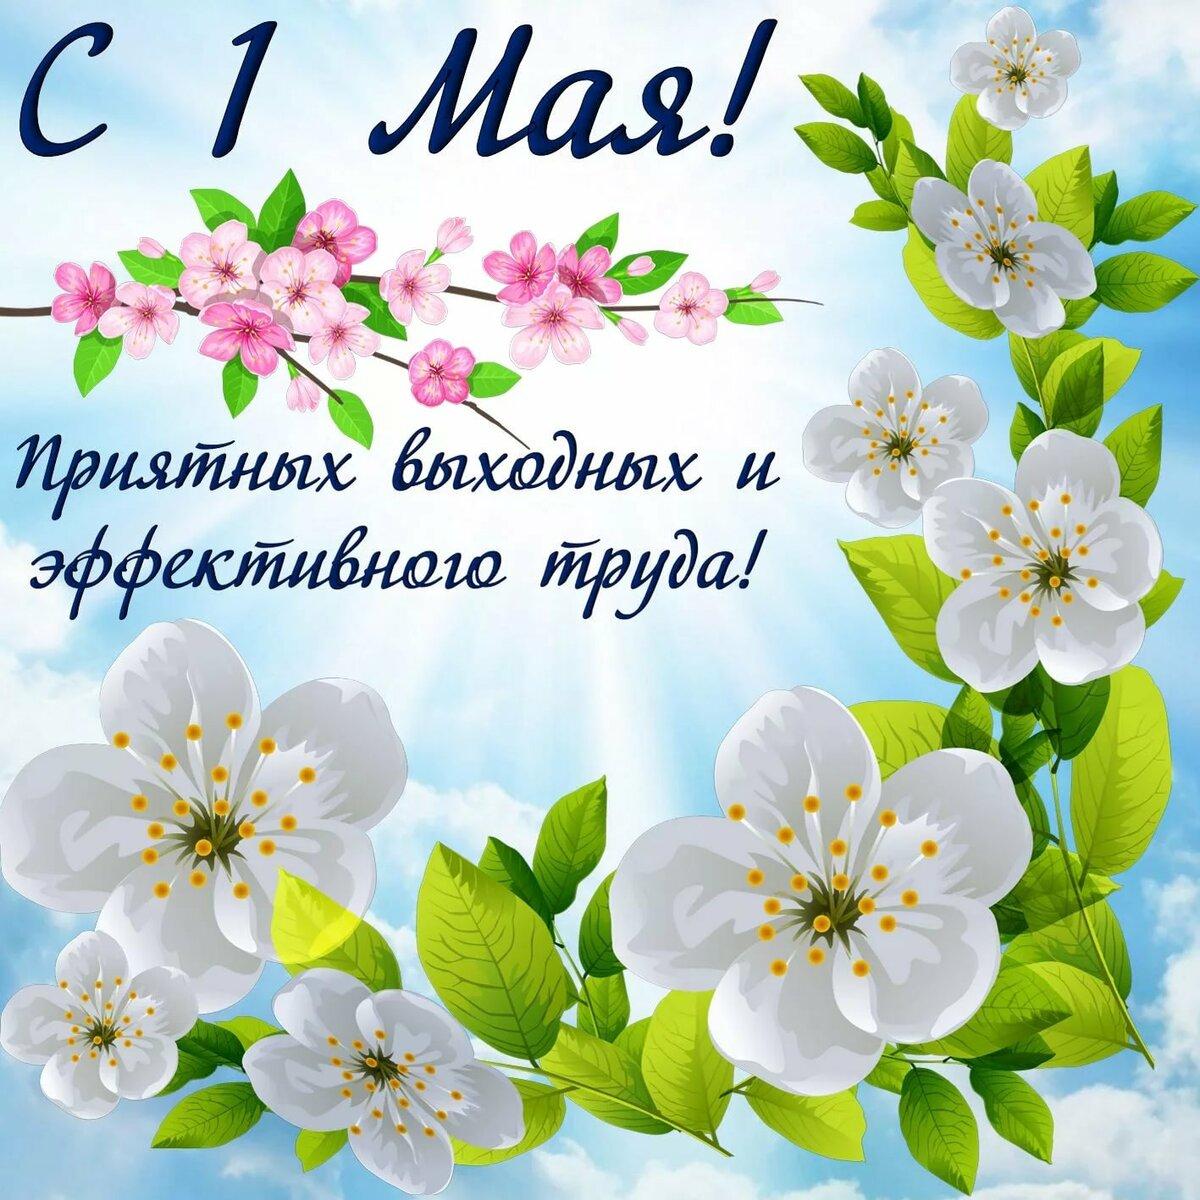 Красивые поздравления с 1 маем